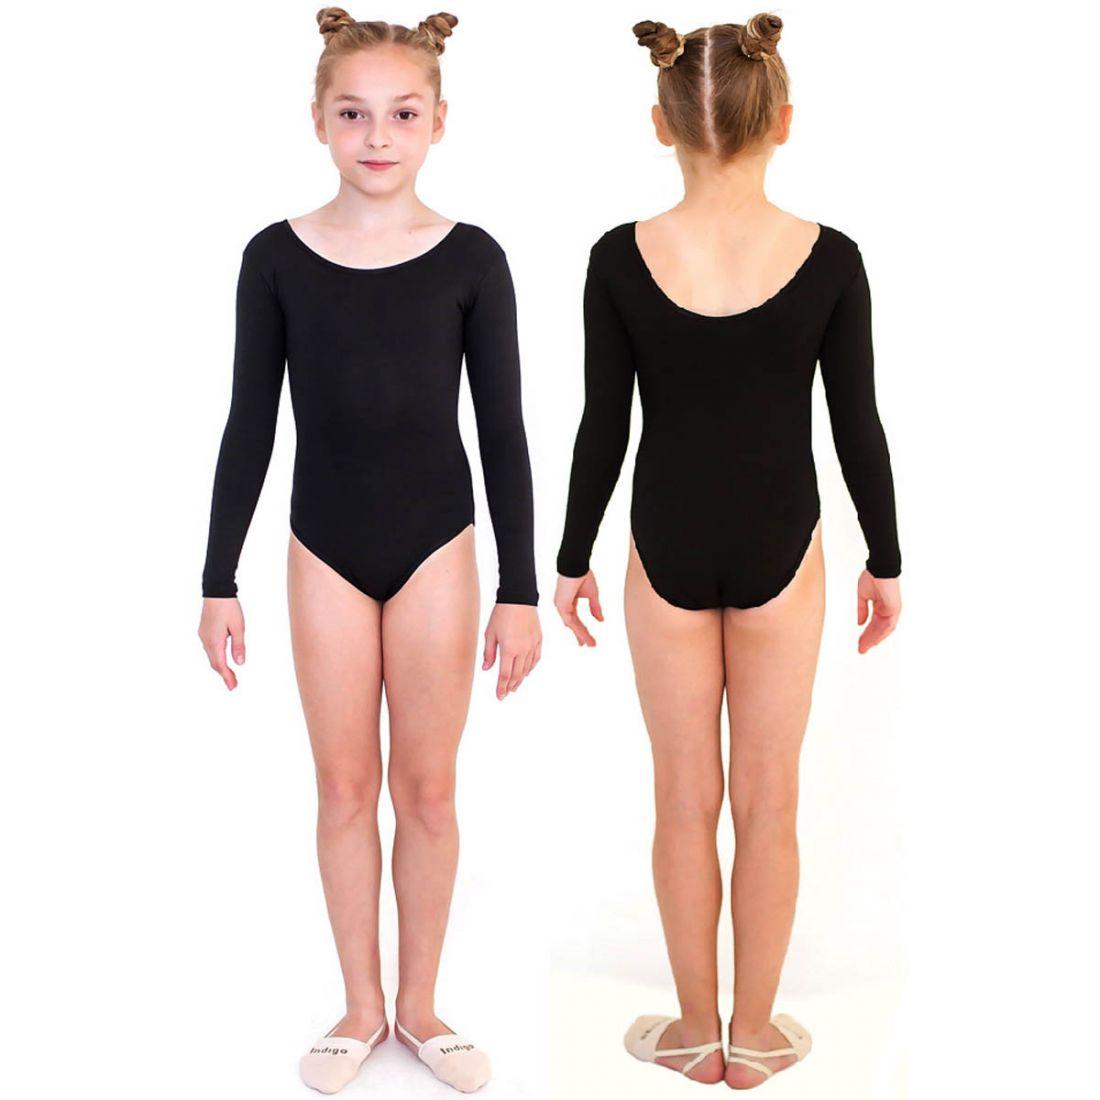 Купальник гимнастический длинный рукав INDIGO SM-094 черный